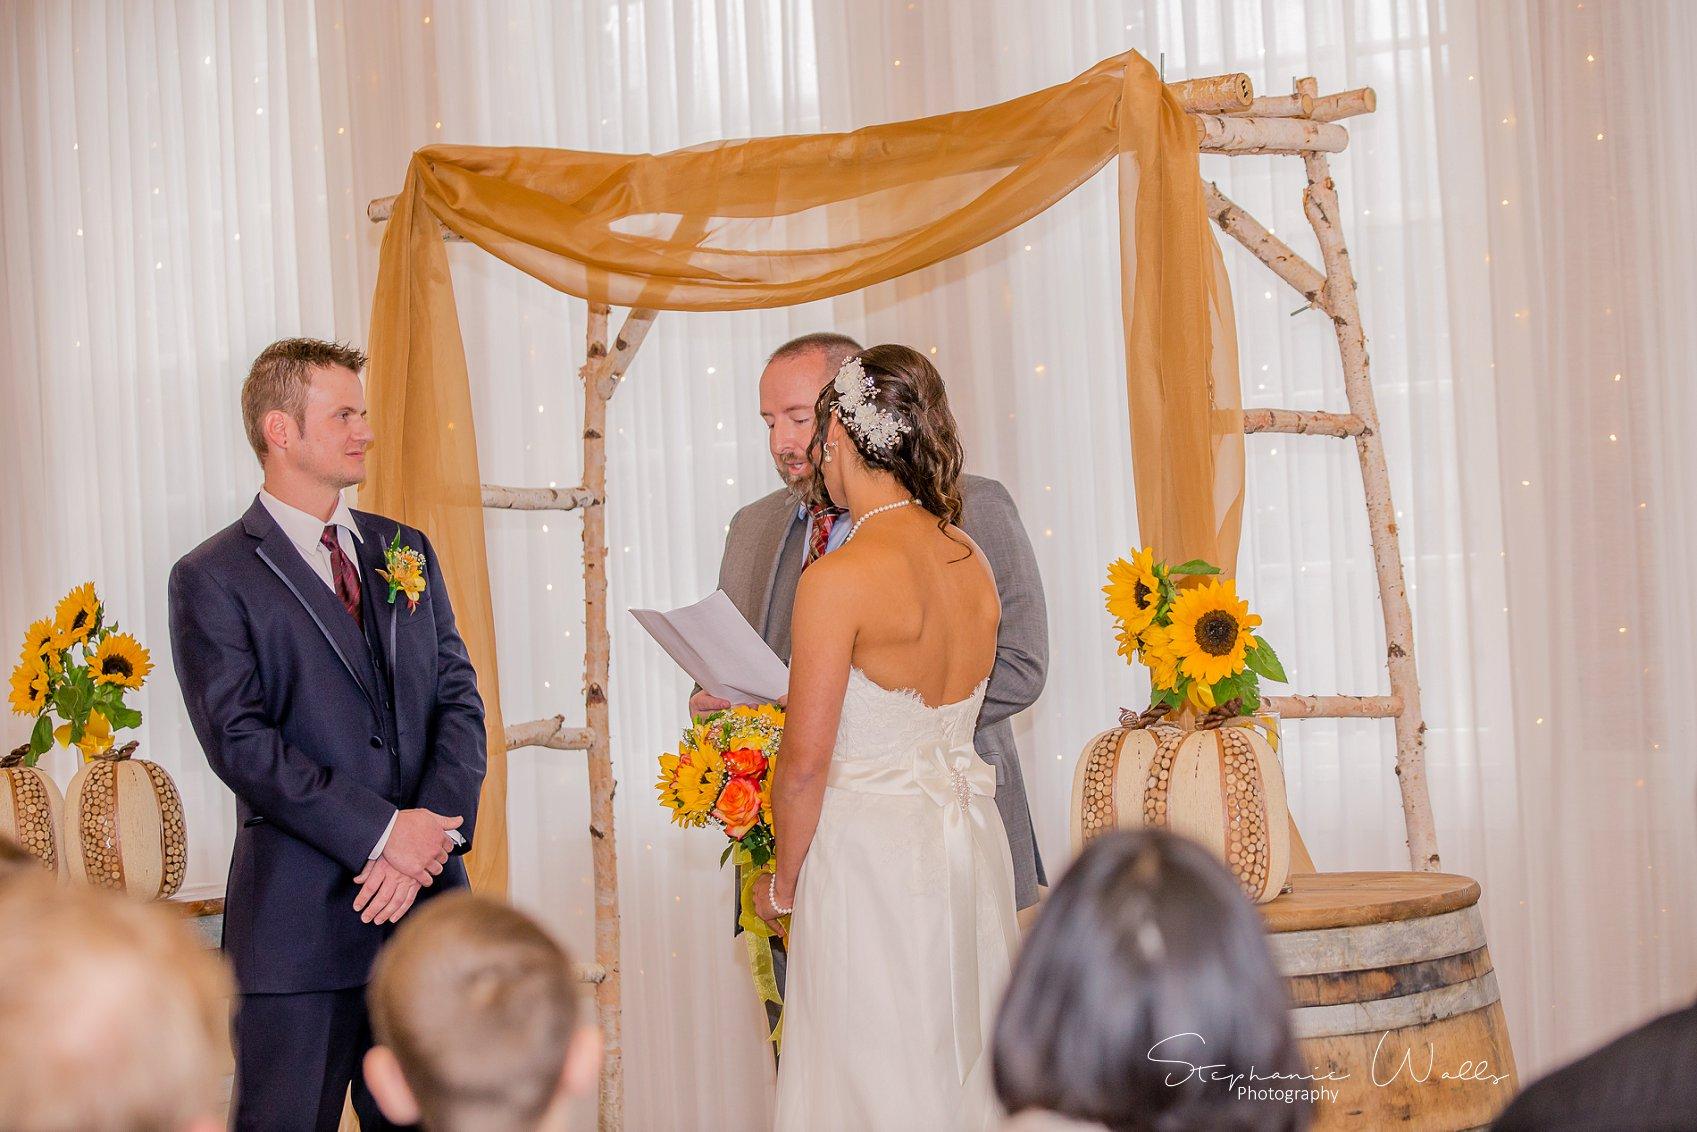 Ceremony 064 1 KK & Zack | Hollywood Schoolhouse Wedding | Woodinville, Wa Wedding Photographer